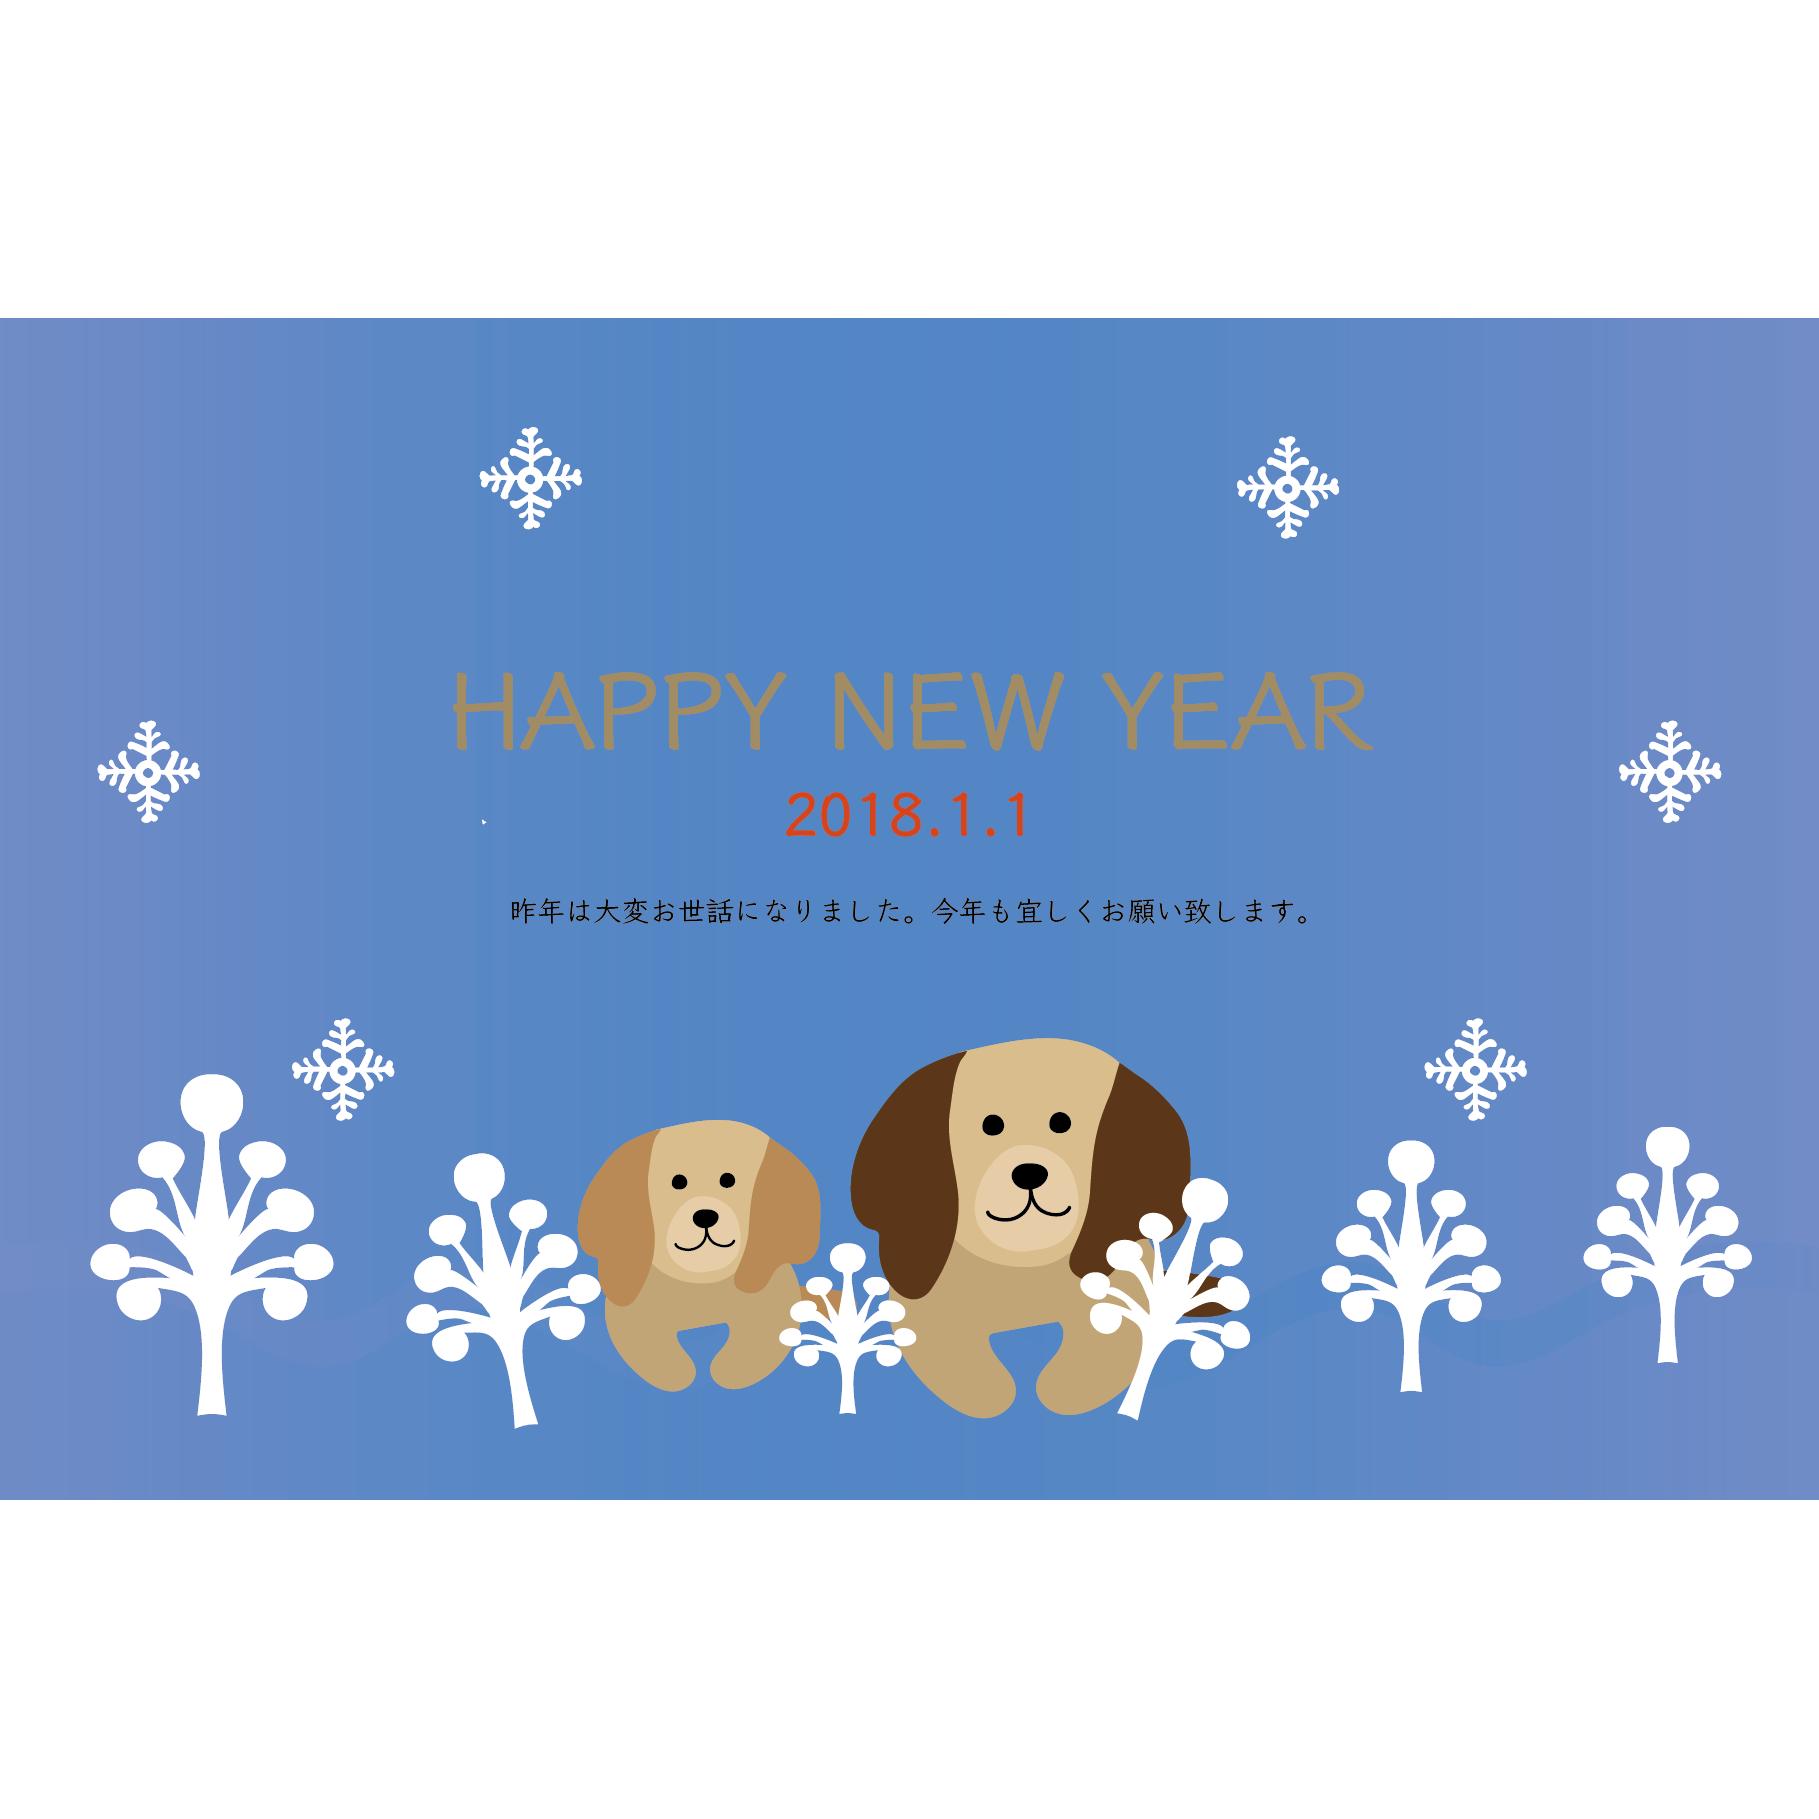 戌年の年賀状かわいい犬の親子と結晶のイラスト 2018 横型 商用